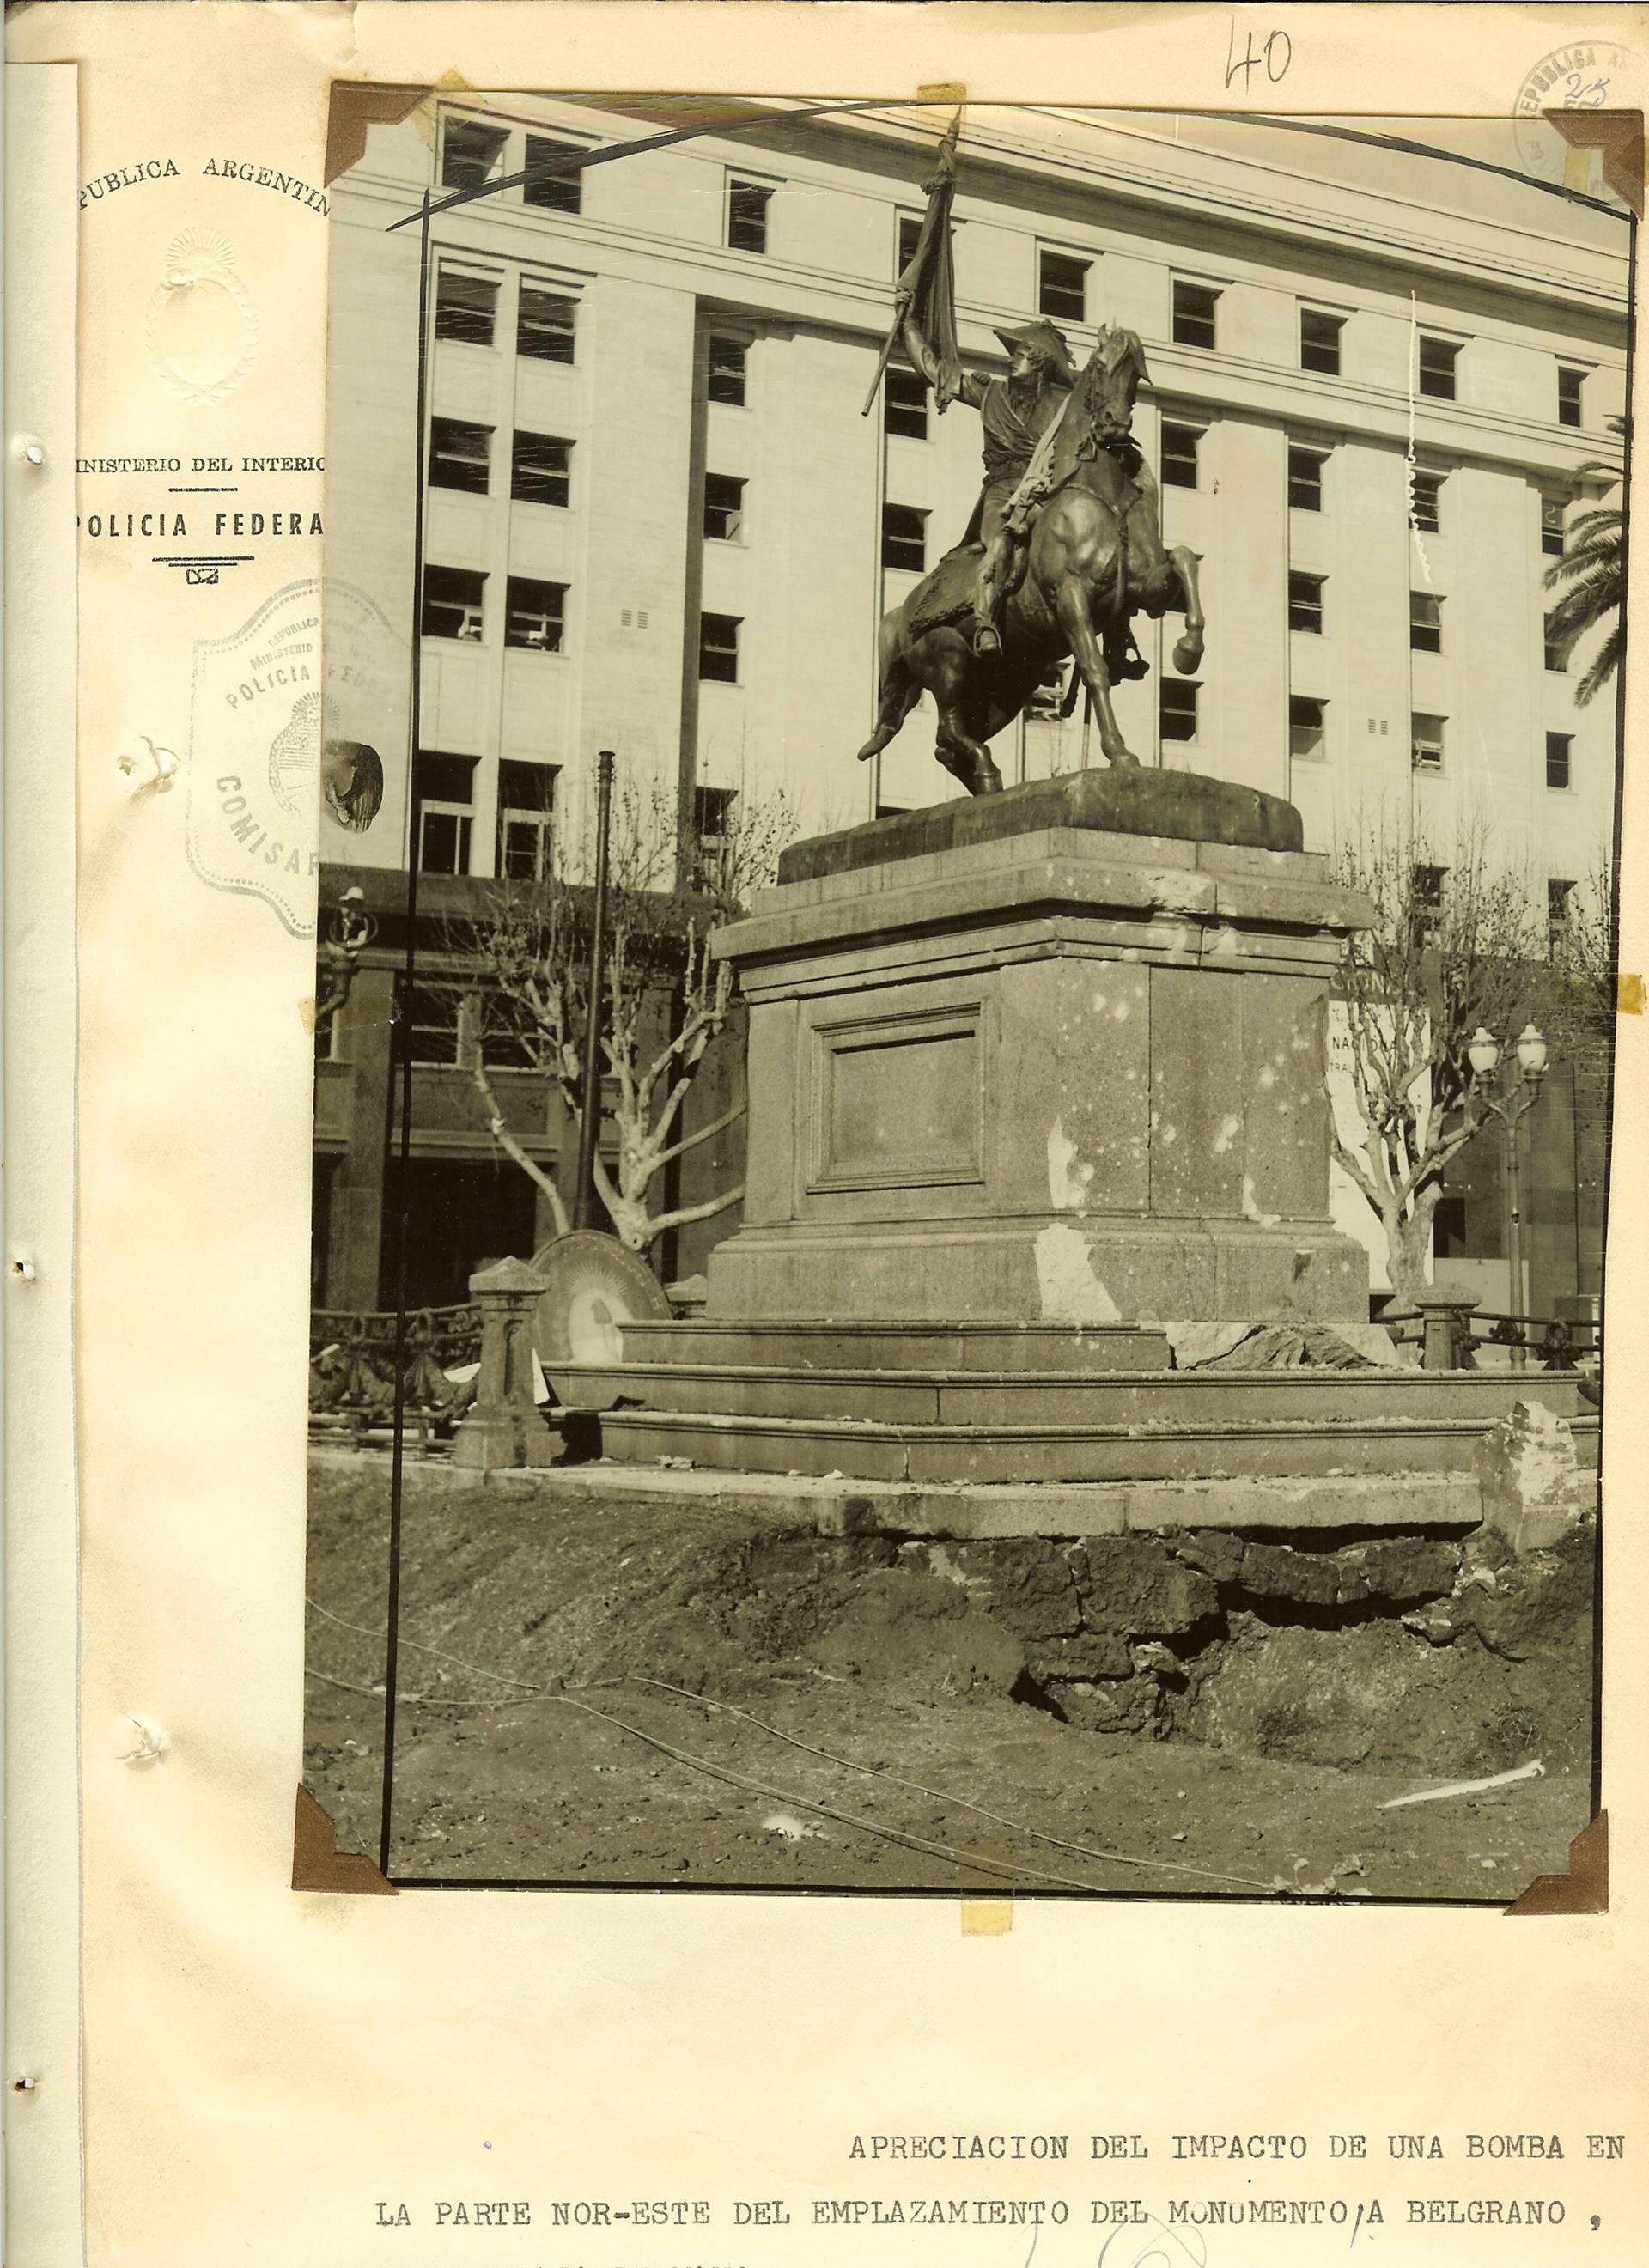 Monumento a Belgrano frente a la Casa Rosada. En 2010 la secretaría de Derechos Humanos logró identificar a 309 de los muertos.